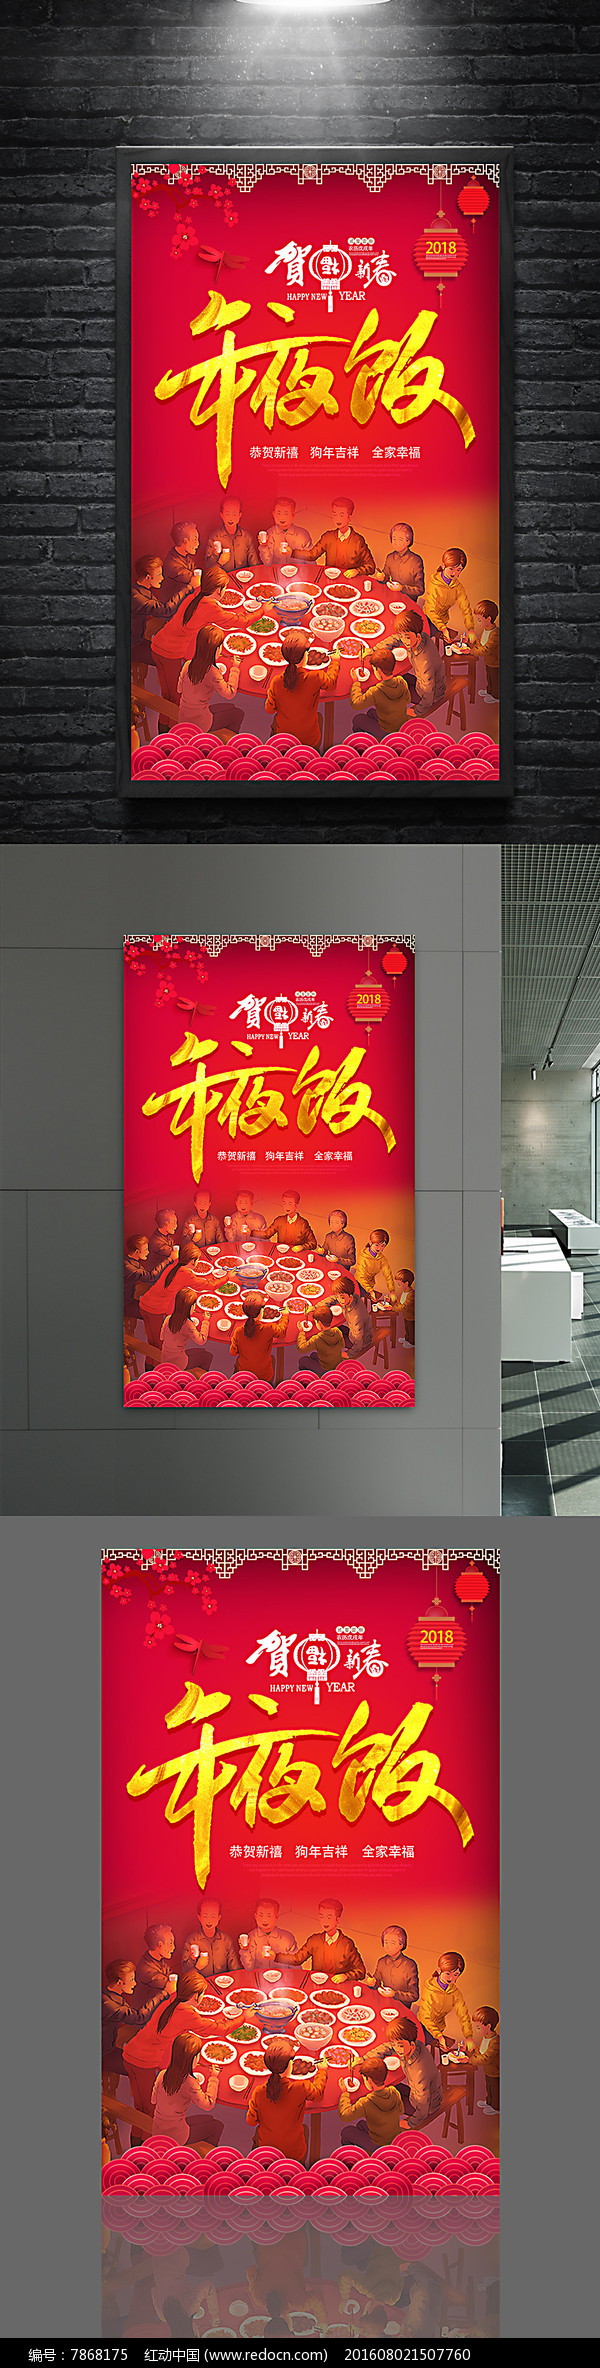 2018年年夜饭海报设计图片